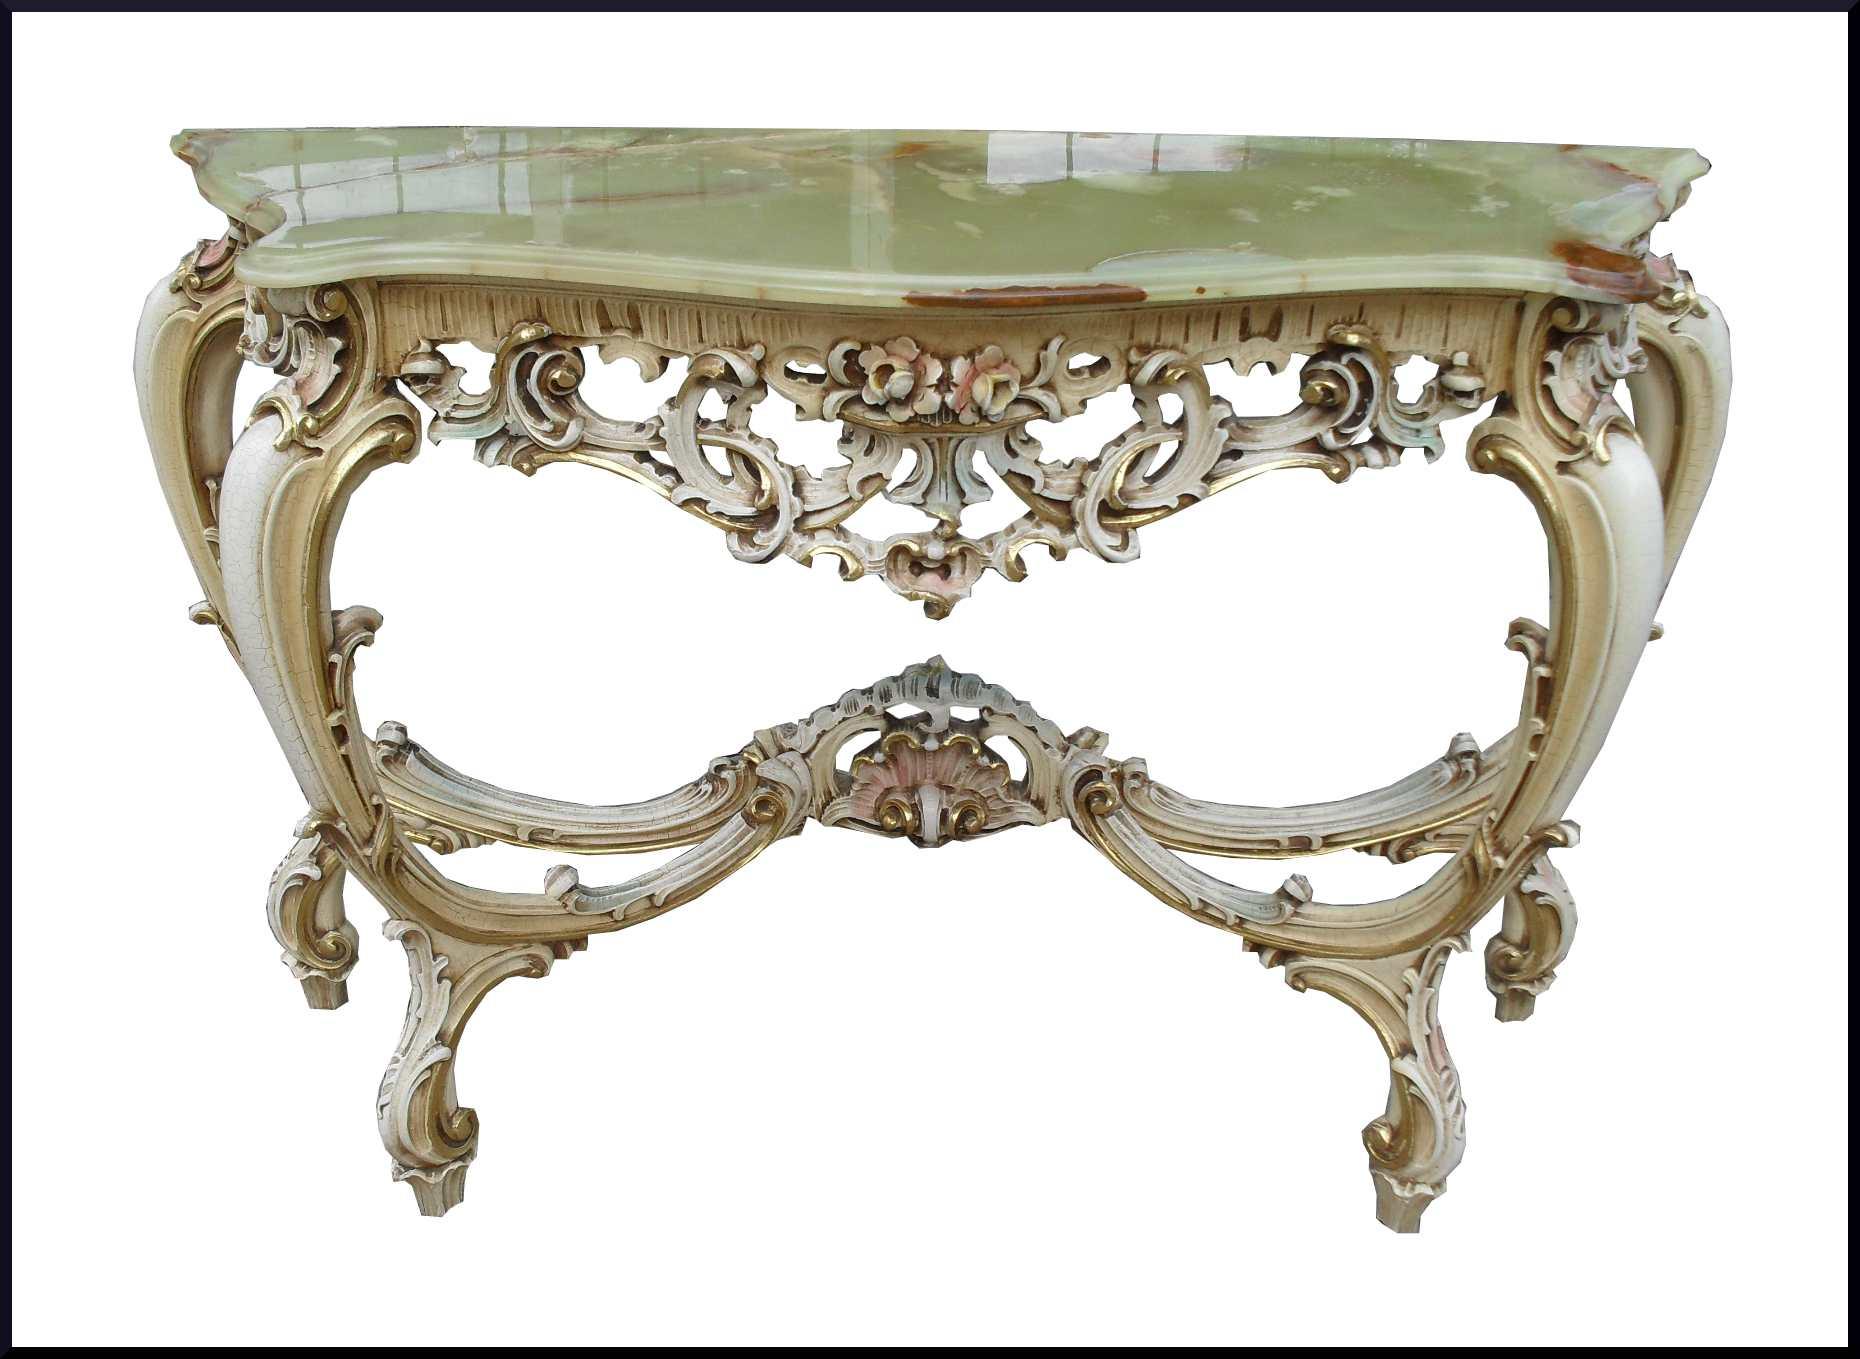 Consolle intagliata a mano e decorata in stile veneziano - La ...